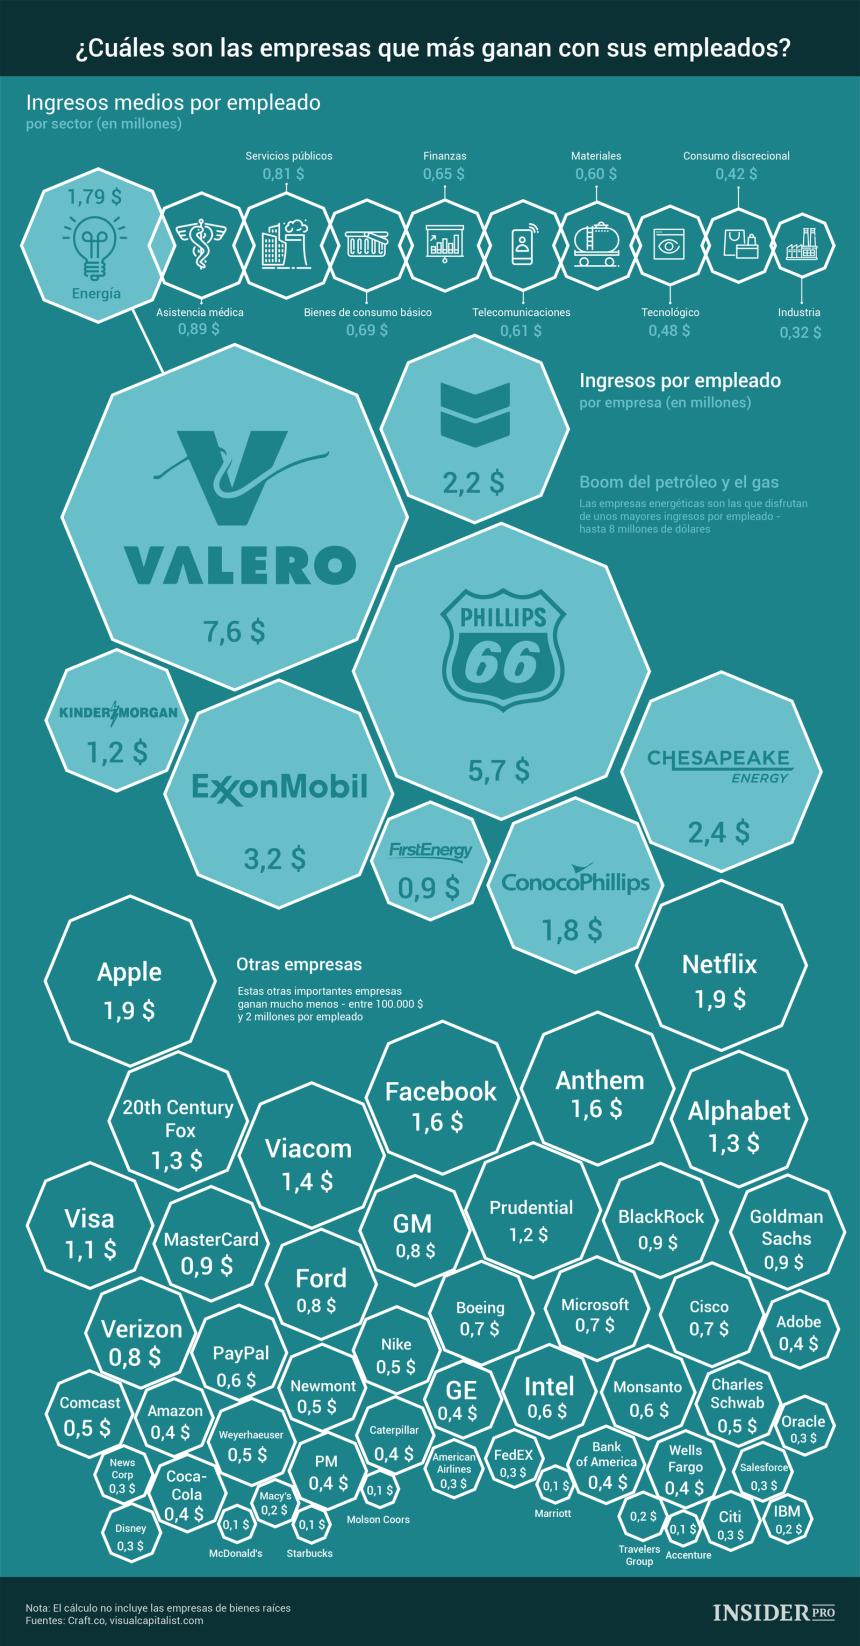 Las empresas que más ingresan por empleado